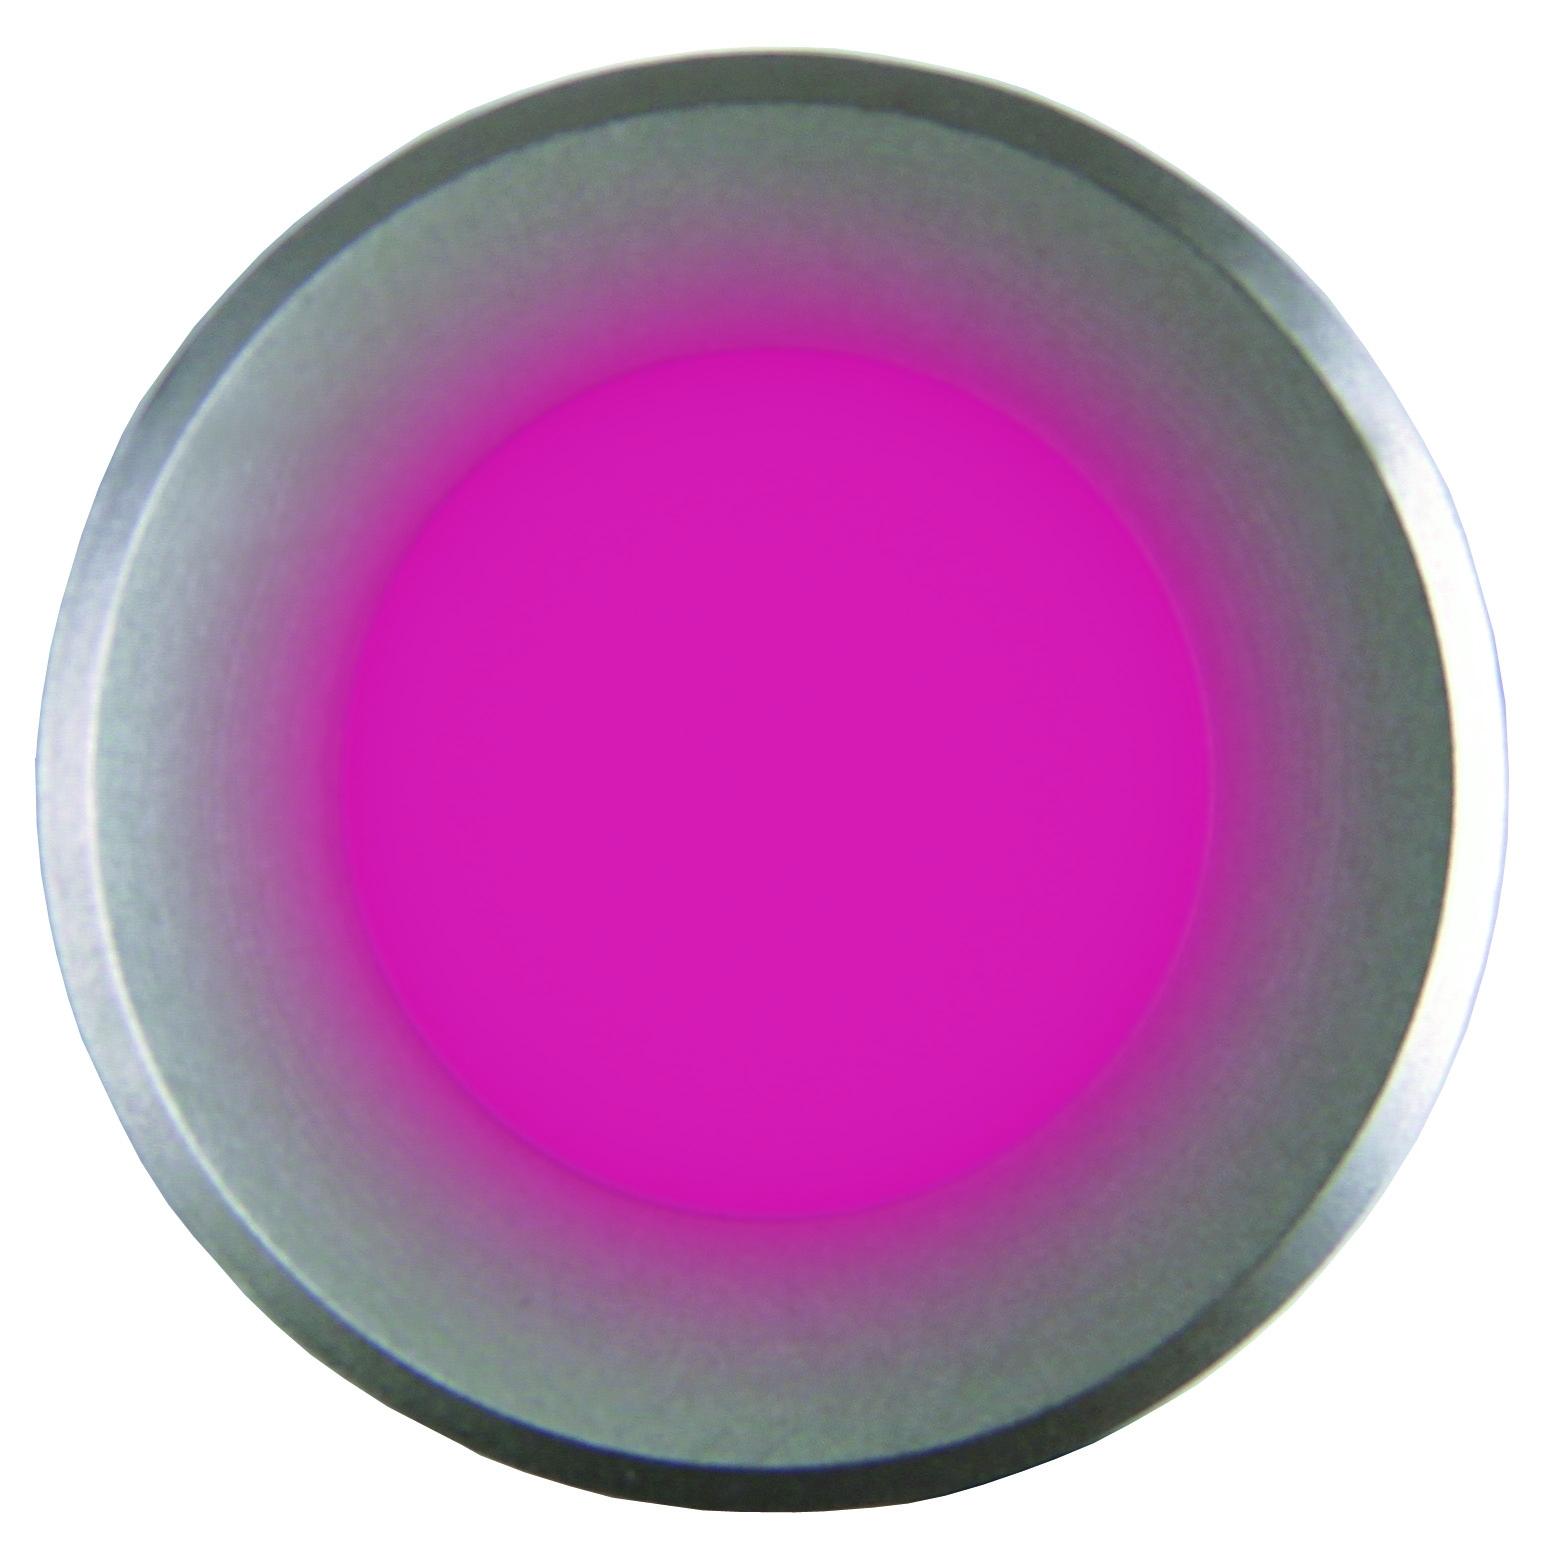 Schego Unterwasserleuchte SchegoLUX Base 3 St. Rot 12 V/3 X 0, 396 | Lampen > Aussenlampen > Wasserleuchten | Rot